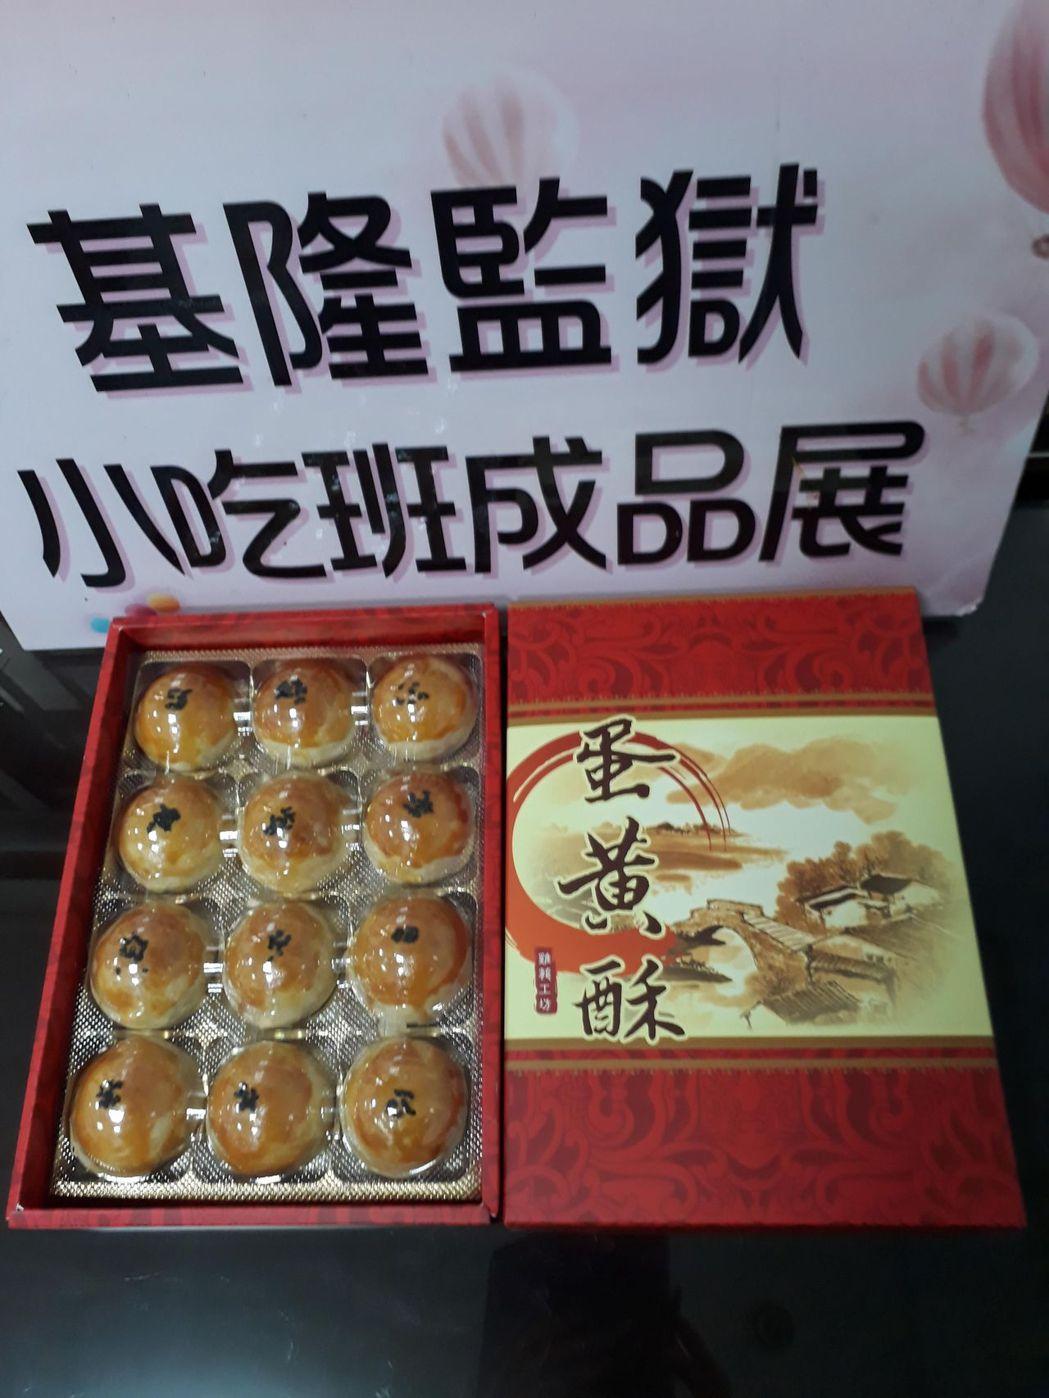 基隆監獄自營「雞籠工坊」推出「半黃」蛋黃酥禮盒,今年限量500盒,已被搶購一空。...